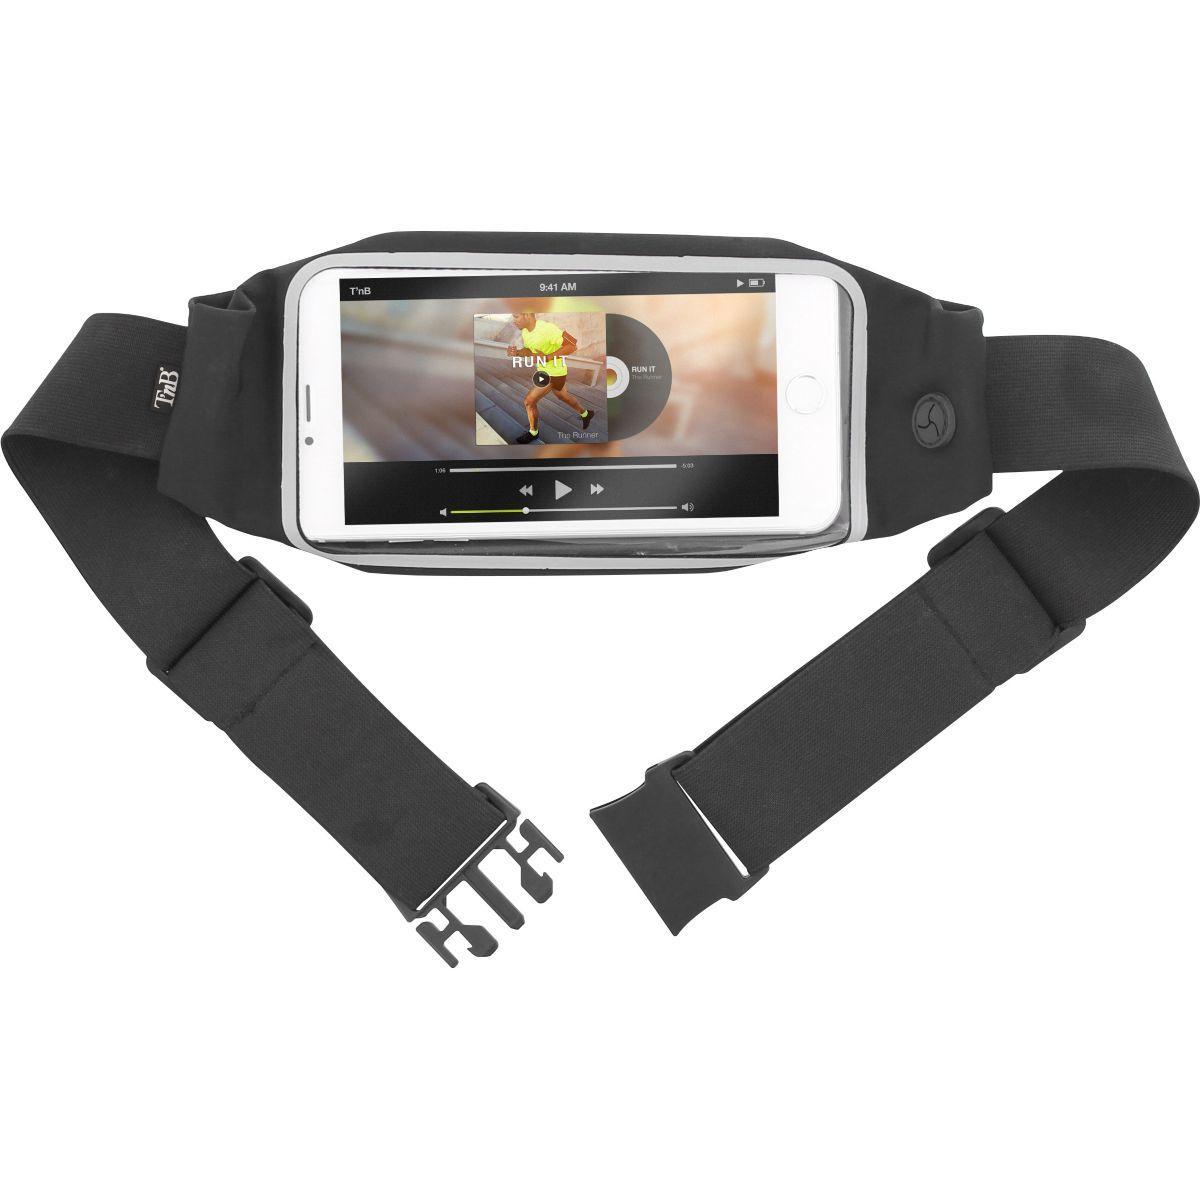 Acc. sport tnb ceinture smartphones / mp - 10% de remise immédiate avec le code : multi10 (photo)